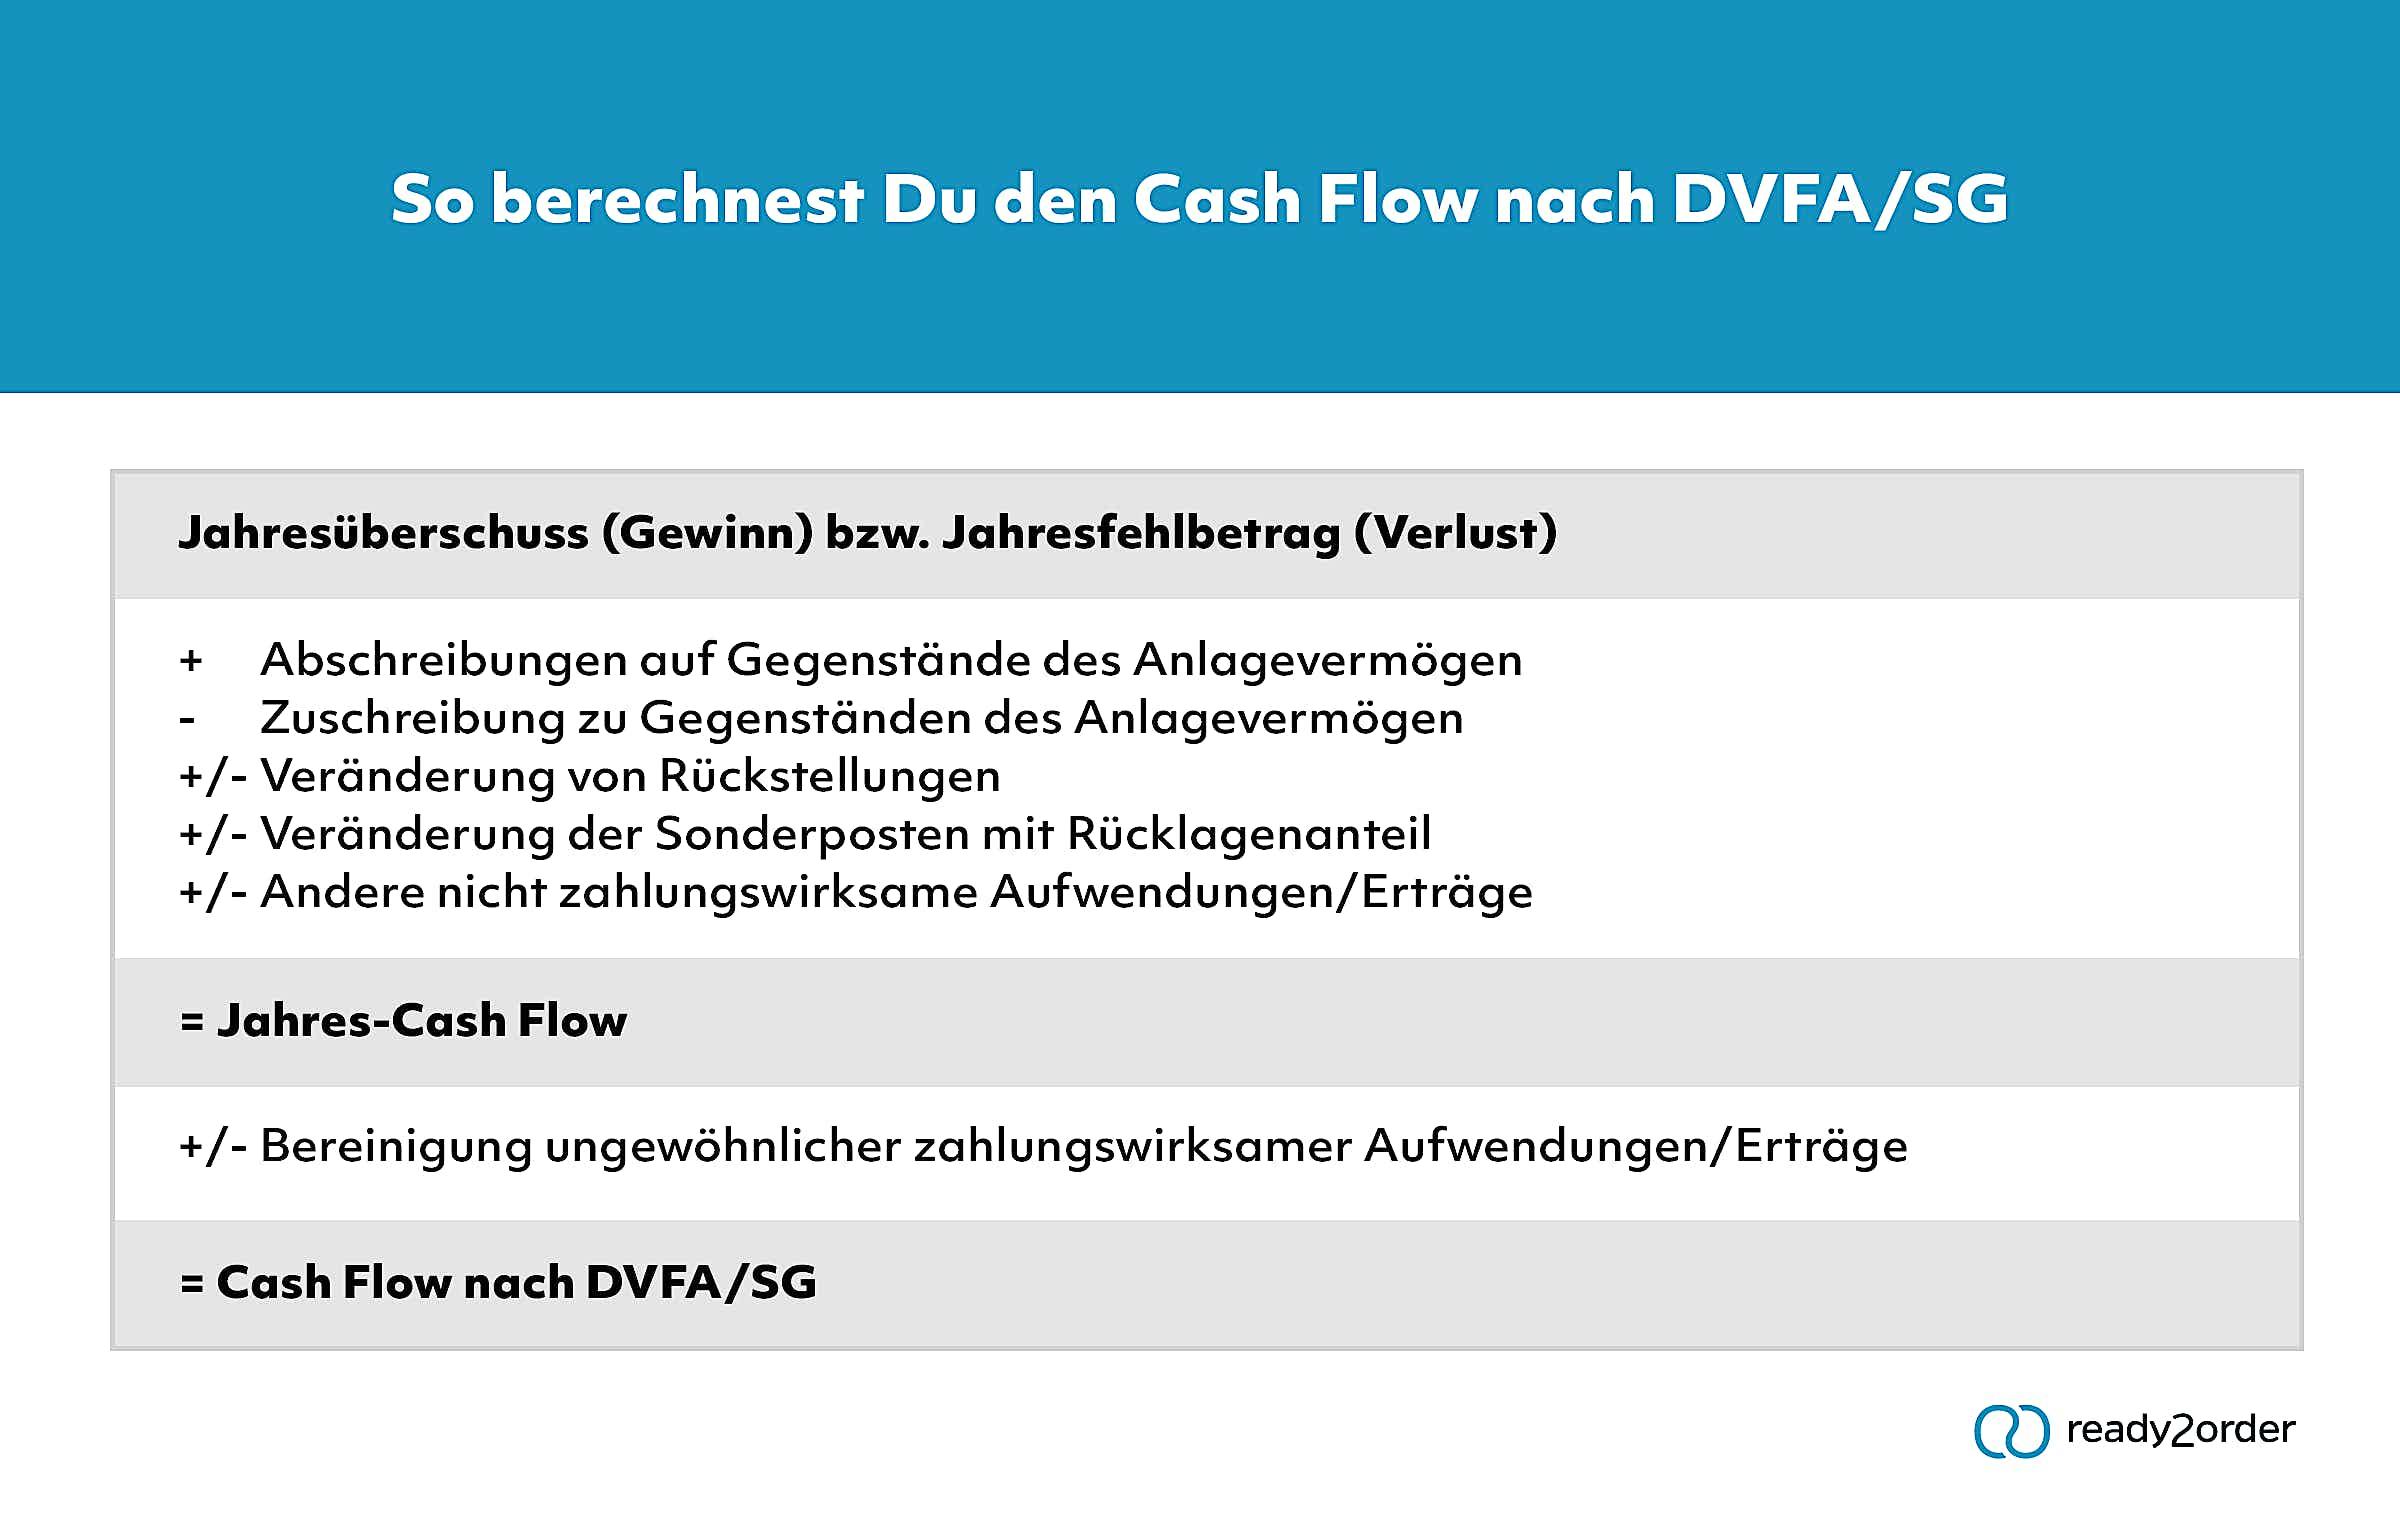 Cashflow nach DVFA/SG (Infografik)